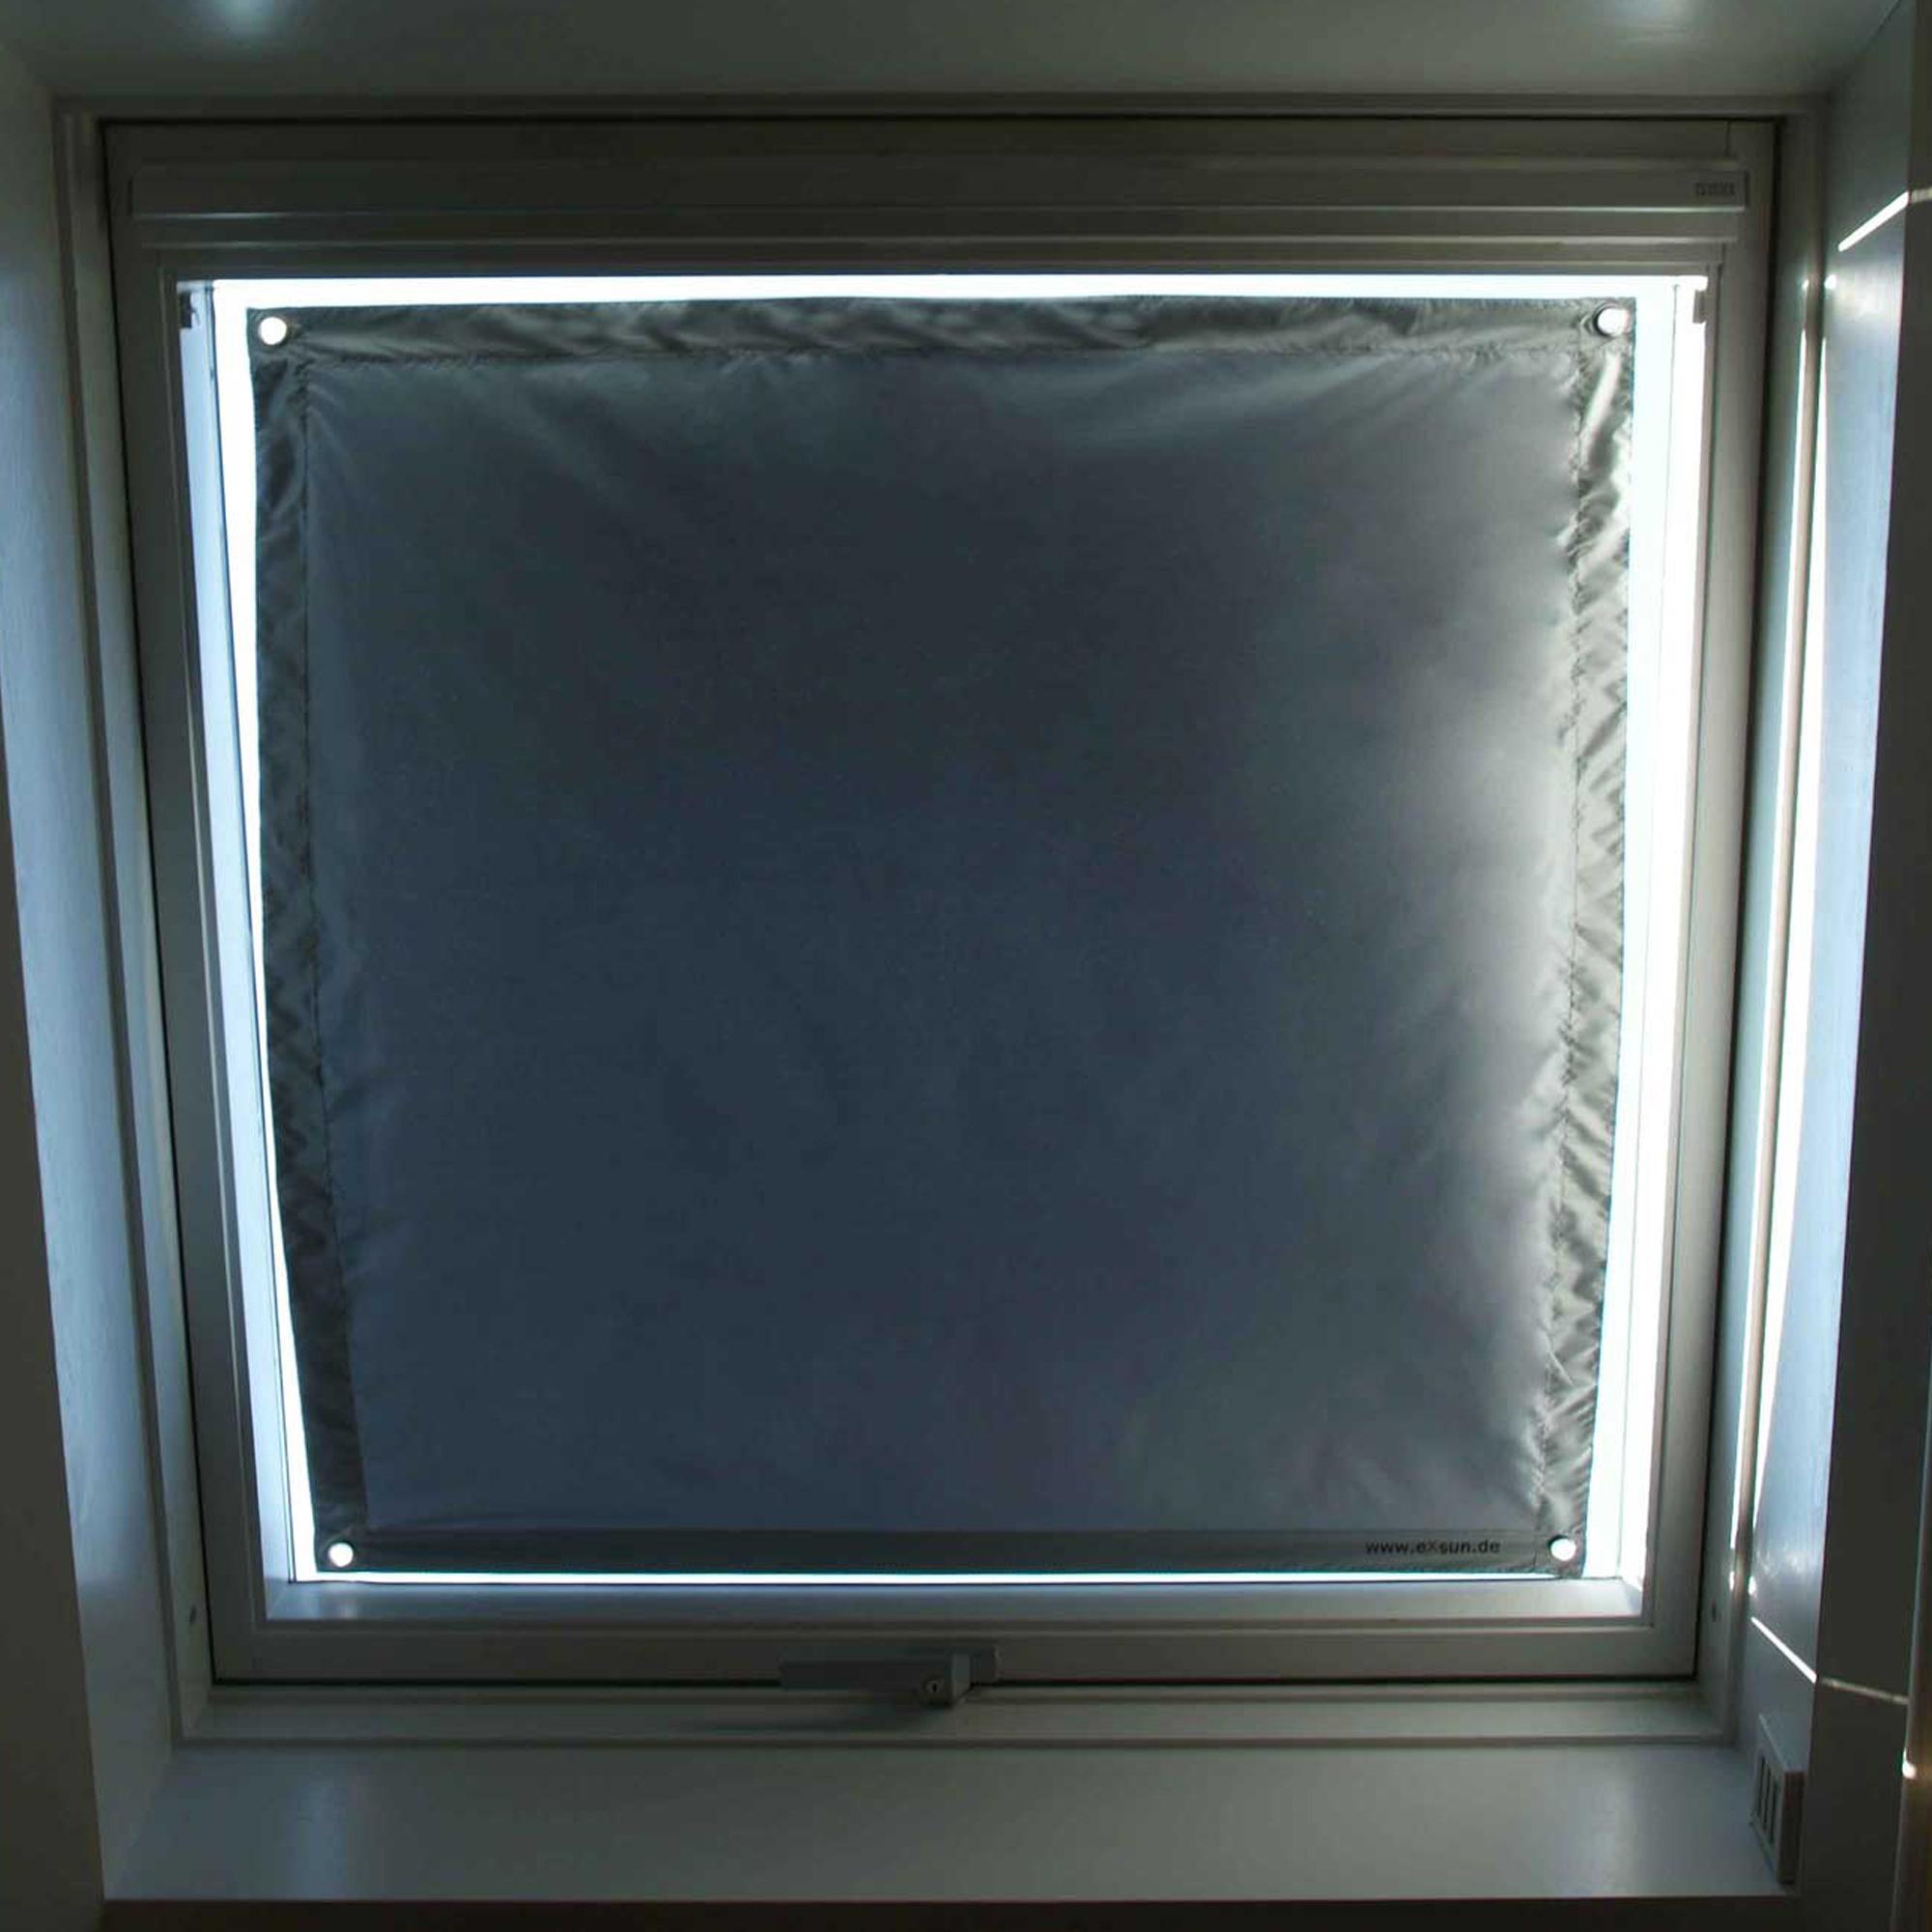 Full Size of Sonnenschutz Fenster Innen Saugnapf Exsun Dachfenster Mit Eingebauten Rolladen Pvc Marken Kunststoff Schallschutz Rundes Aluminium 120x120 Veka Wohnzimmer Sonnenschutz Fenster Innen Saugnapf